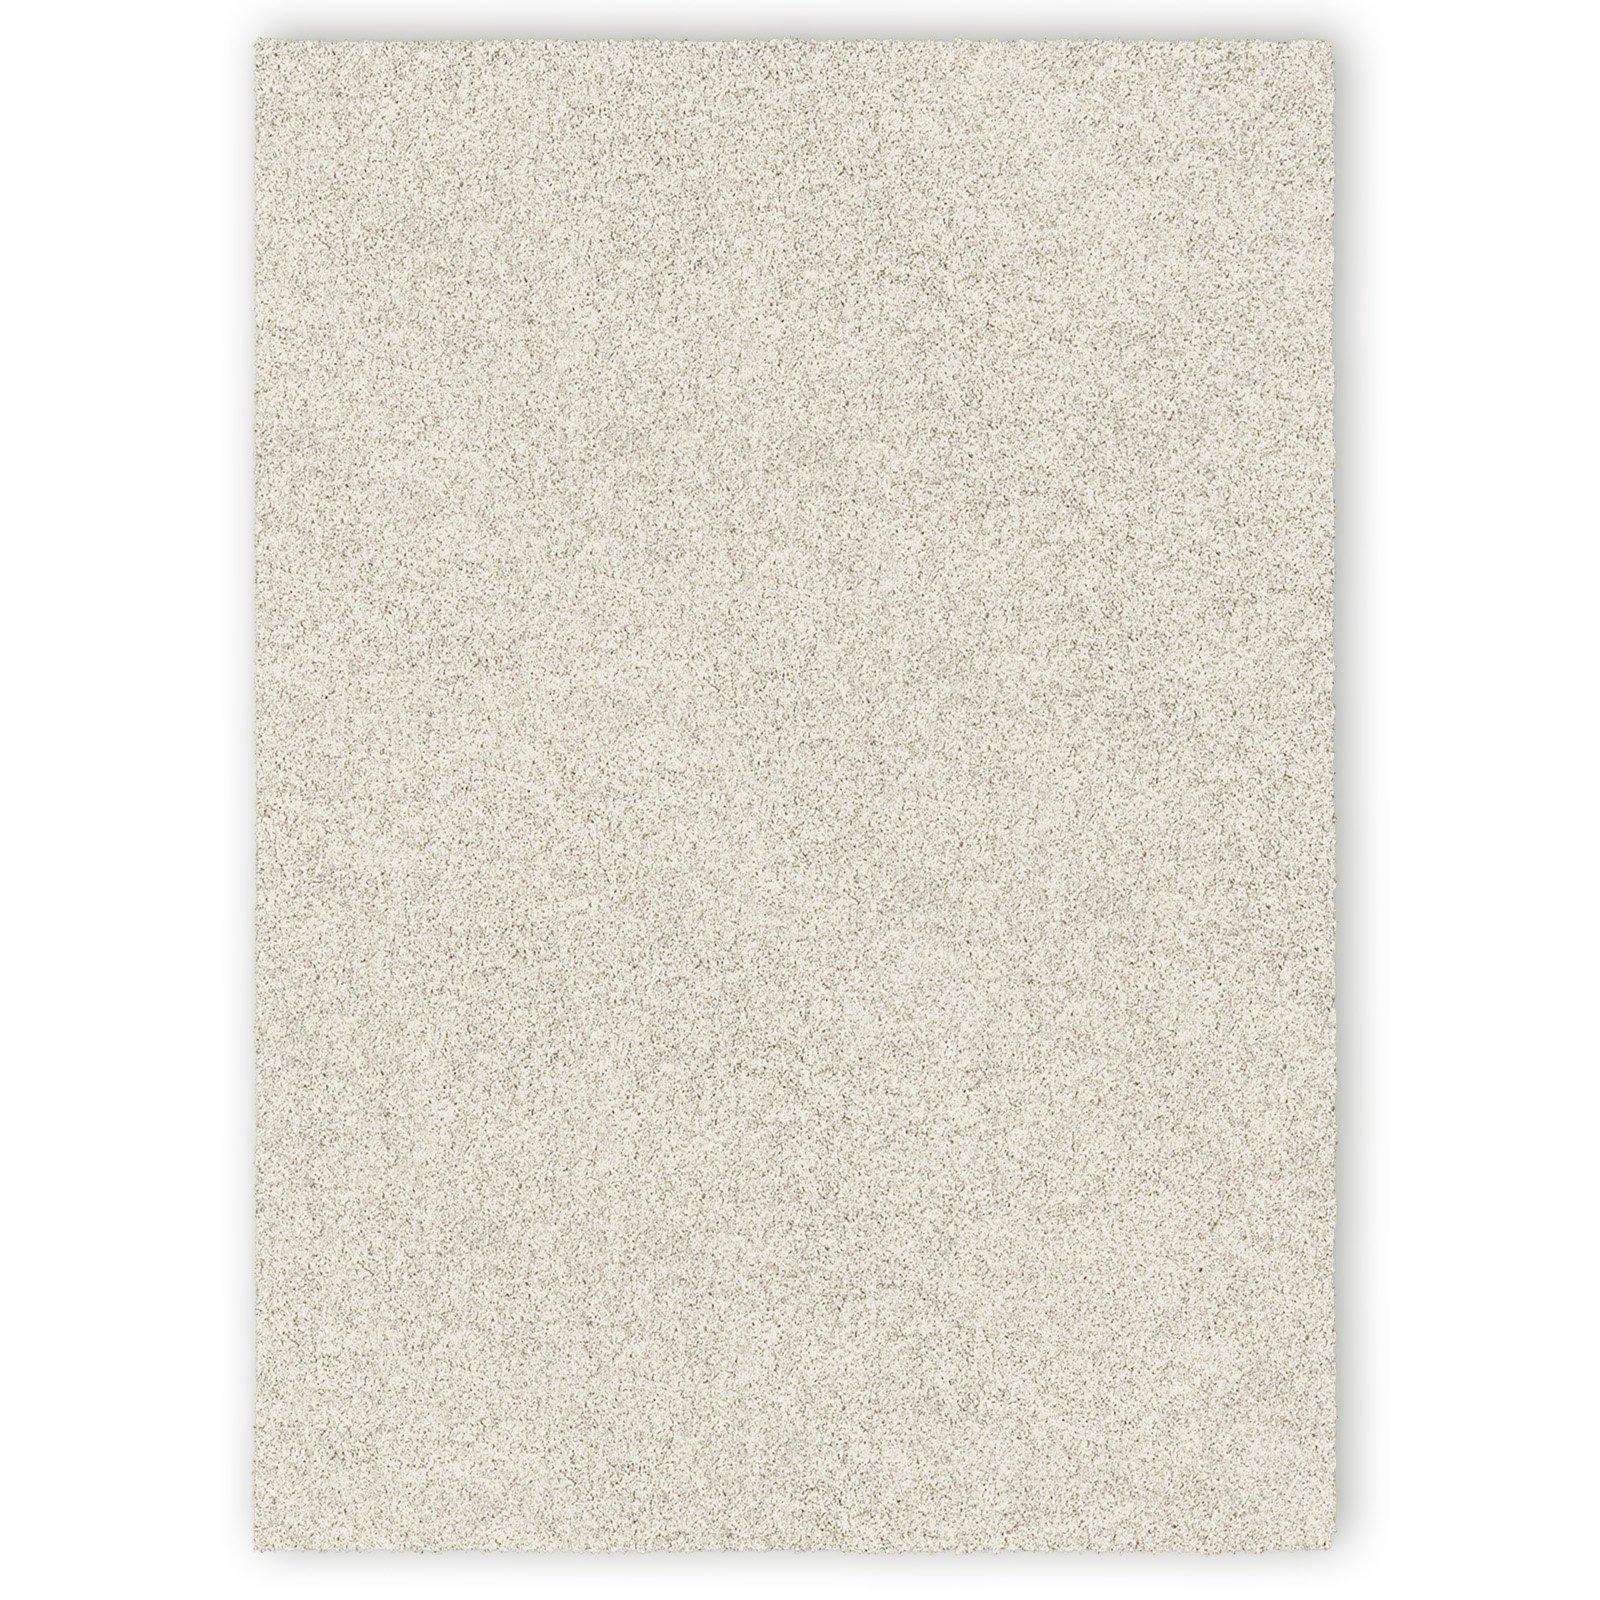 teppich desire beige 120x170 cm einfarbige teppiche. Black Bedroom Furniture Sets. Home Design Ideas